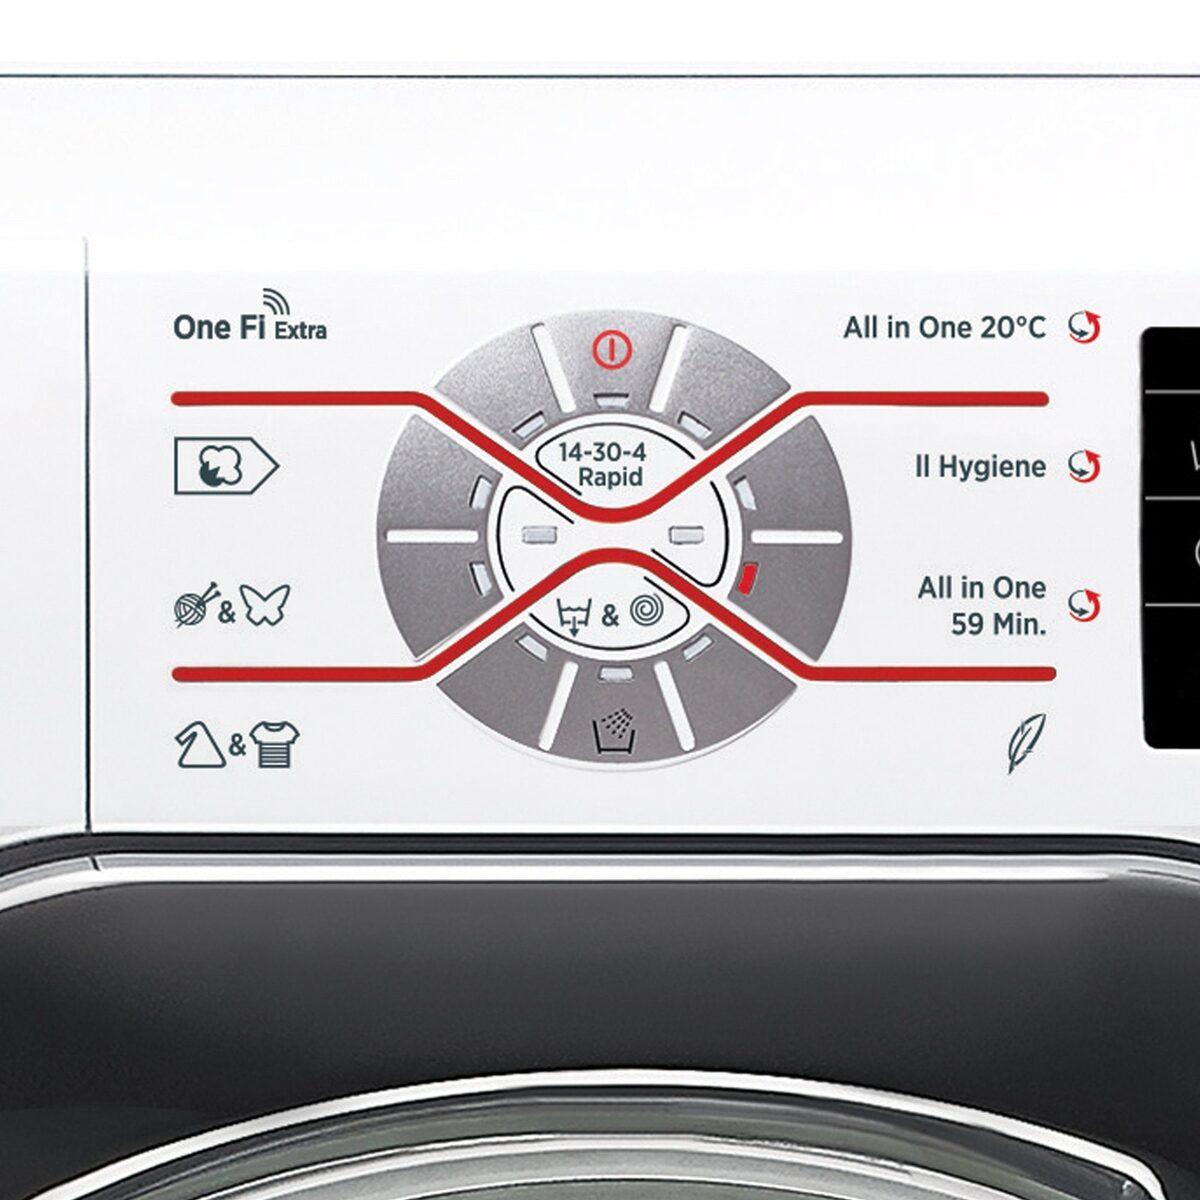 Bild 3 von Hoover Waschmaschine DWOT 611AHC3/1-S, 11 kg, 1600 U/Min, Invertermotor, Mengenautomatik, All in One 59 min., NFC- und WiFi-Technologie